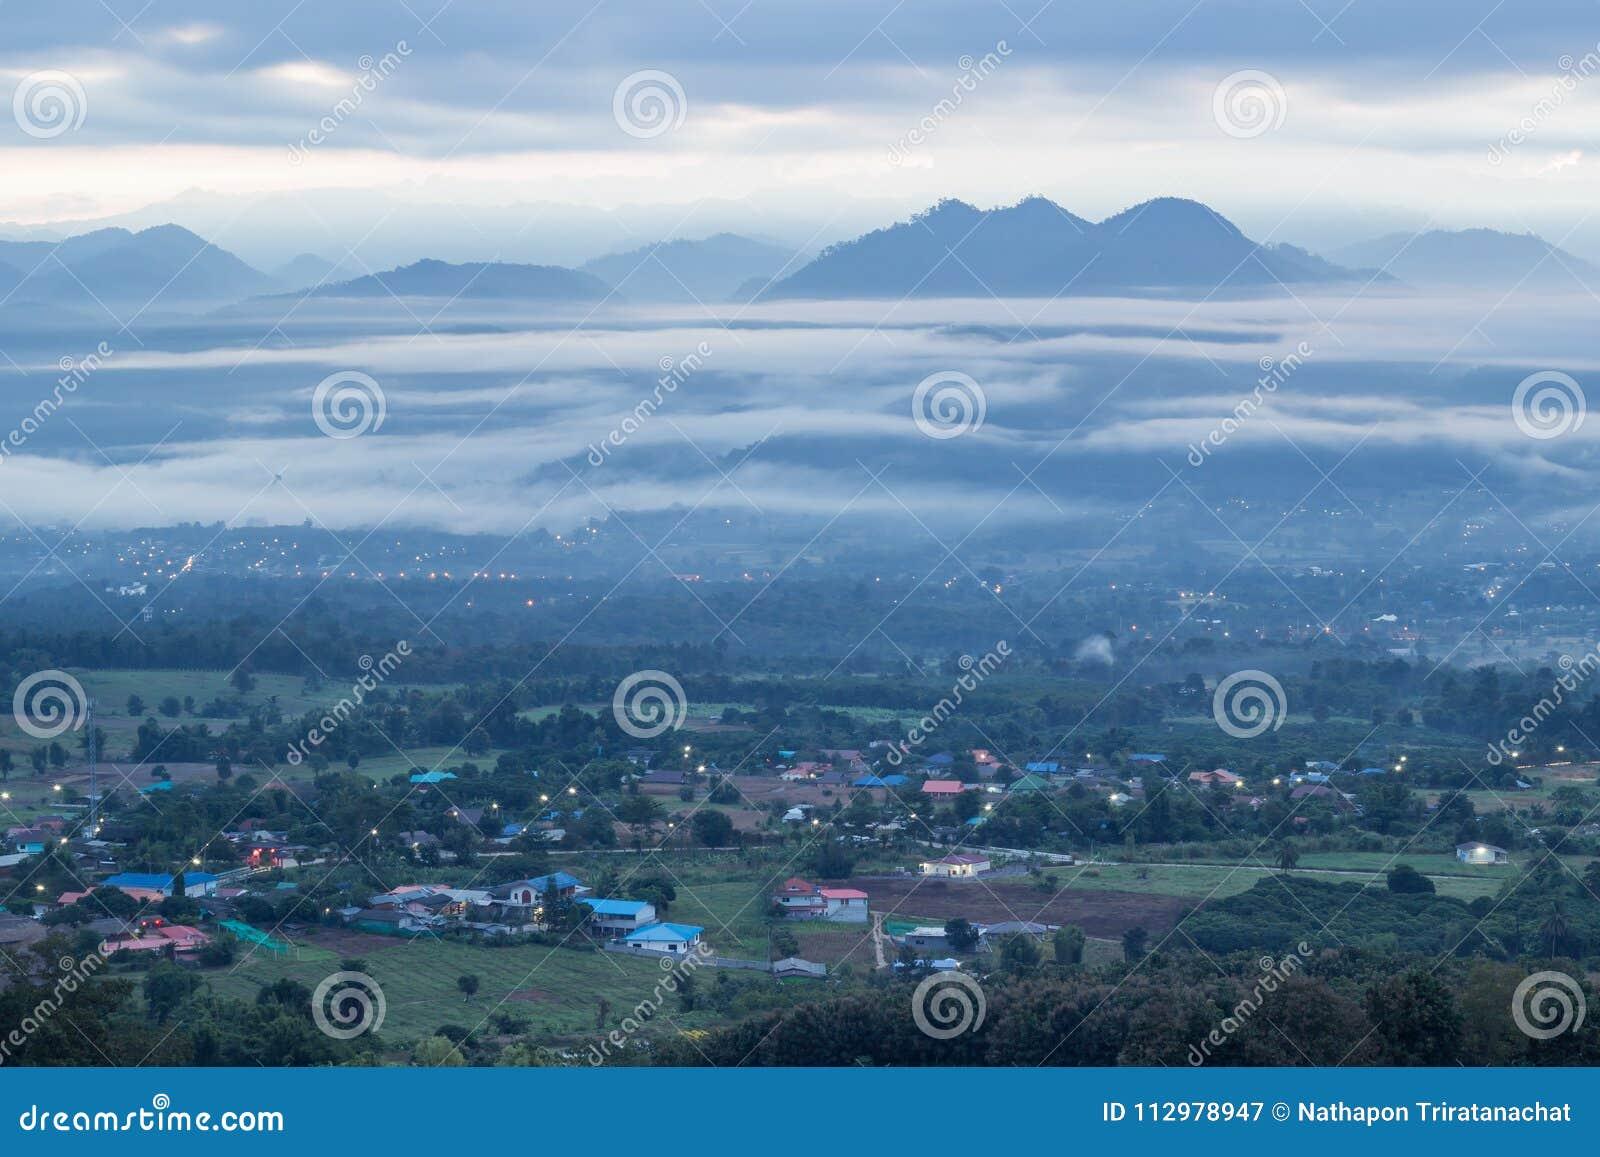 Breathtaking Views in the morning at Yun Lai viewpoint,Pai,Mae Hong Son,Northern Thailand.